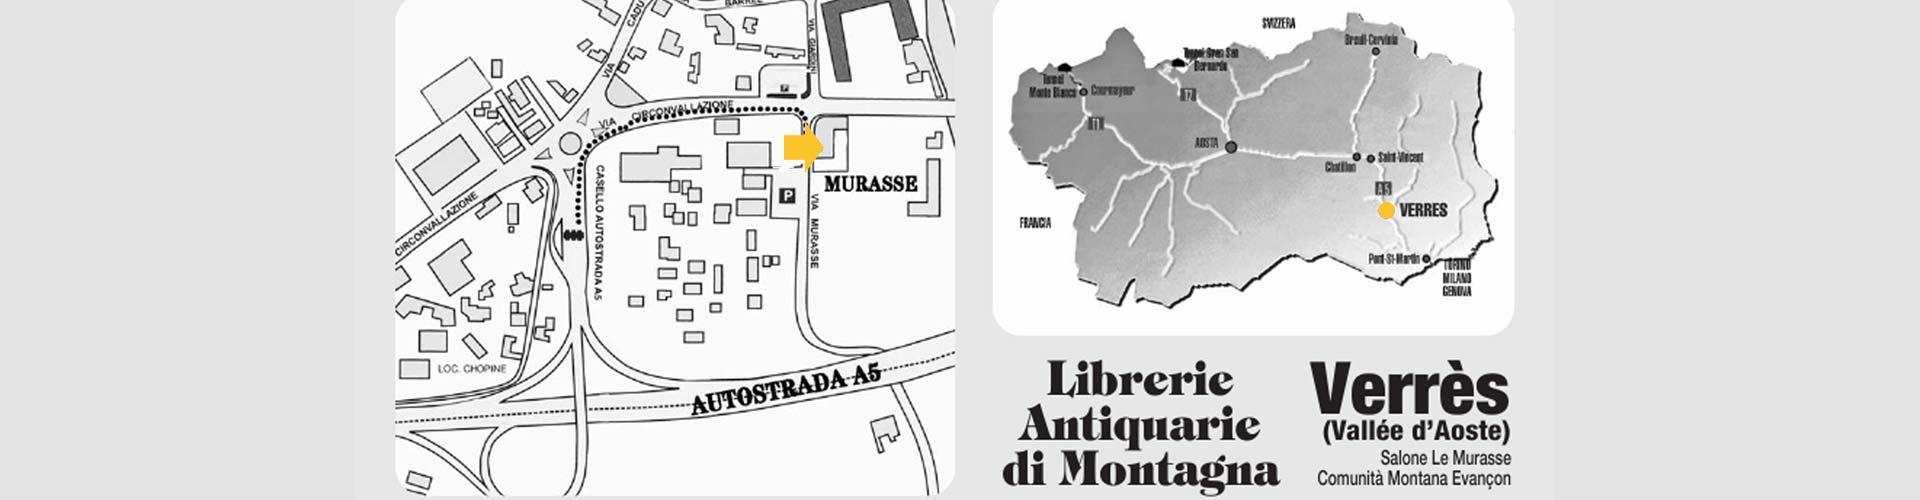 Arrivare evento Librerie di Montagna